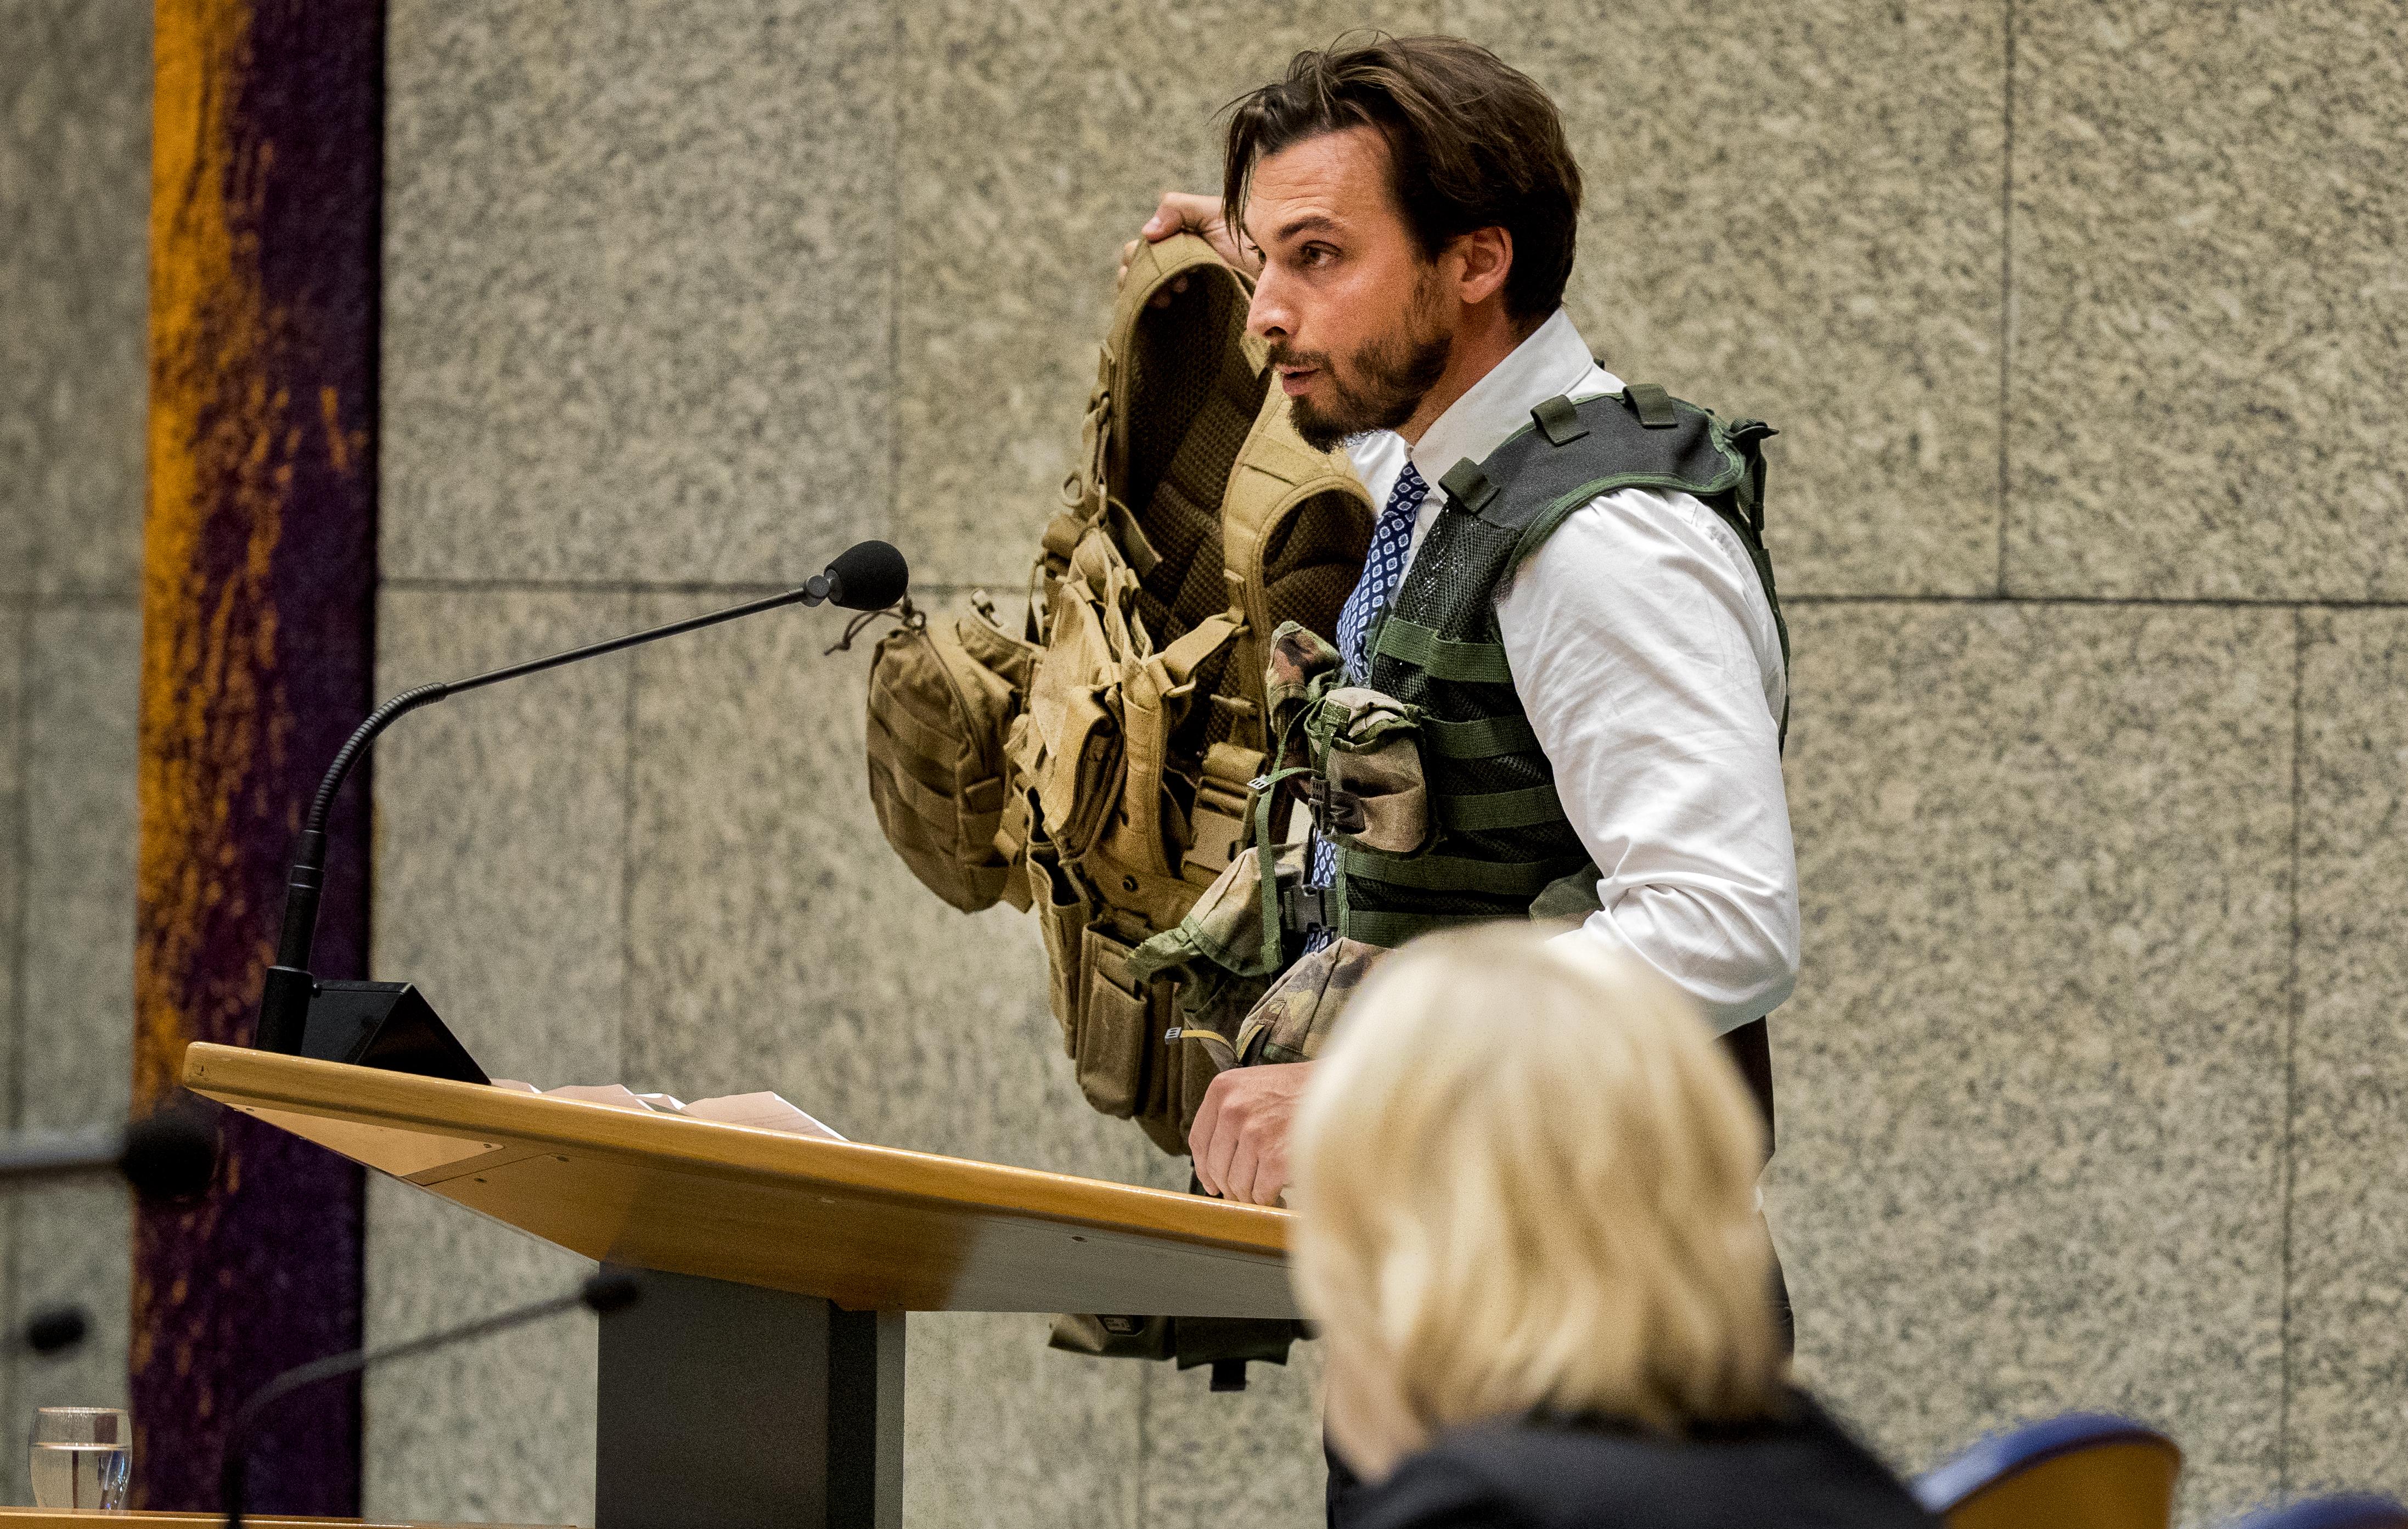 Thierry baudet, forum voor democratie